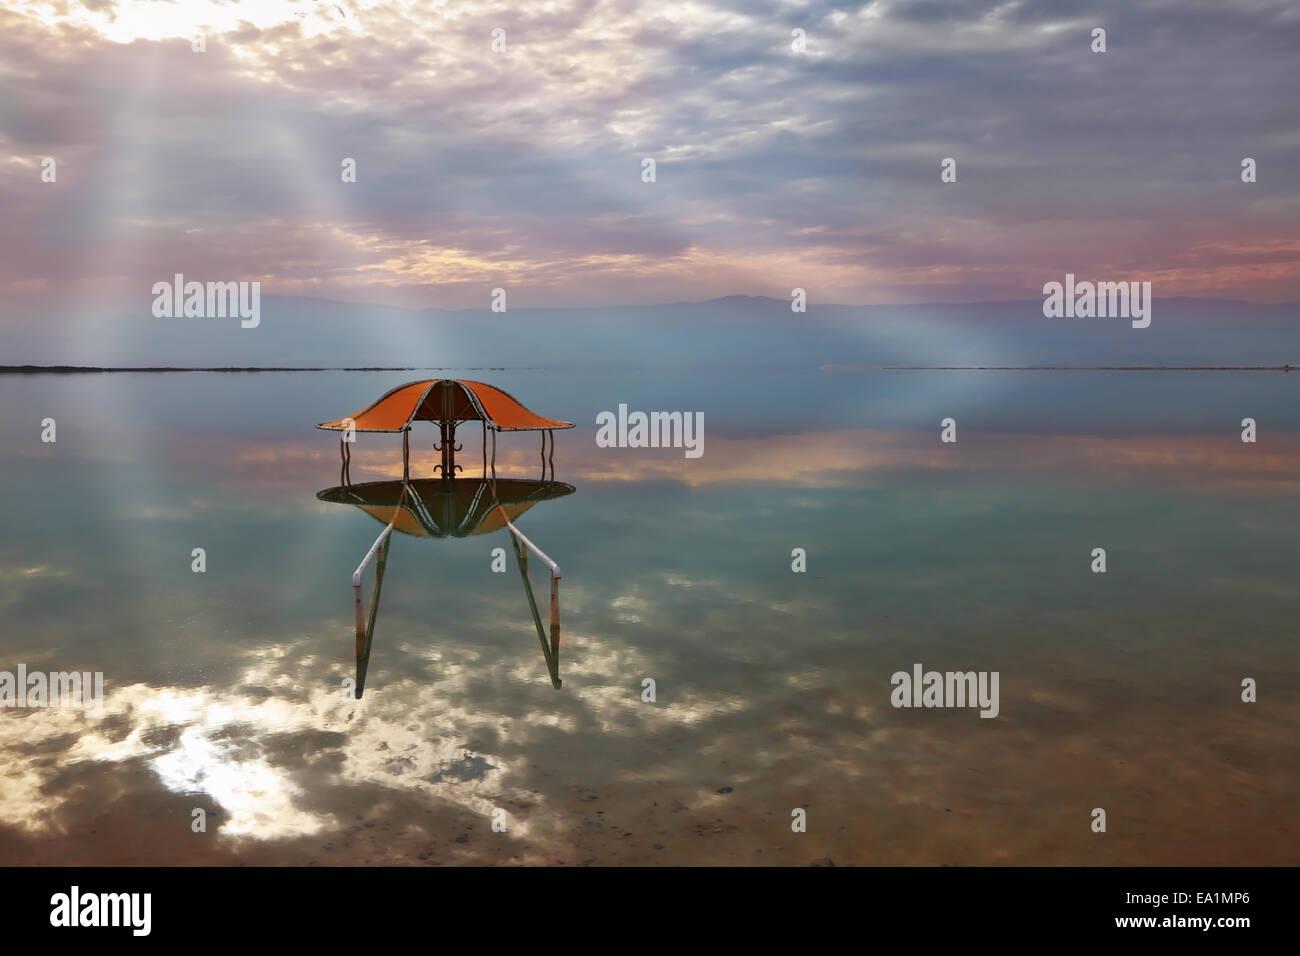 Un résultat visuel saisissant sur la Mer Morte Photo Stock